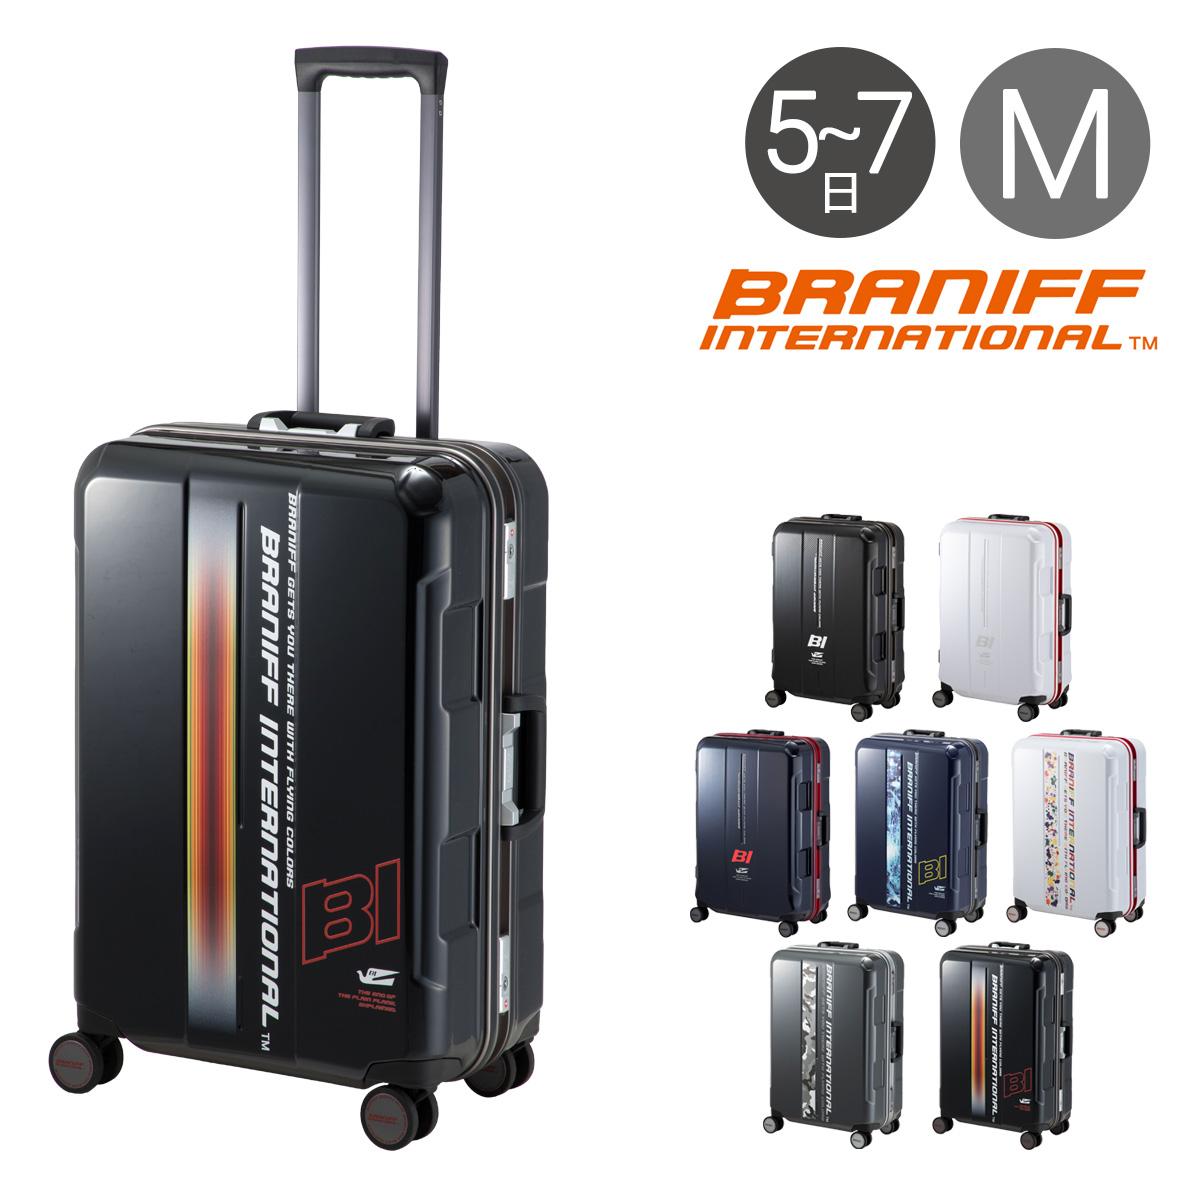 ブラニフ スーツケース 4輪 当社限定カラー|62L 61cm 5.0kg 787-61|軽量 ハード フレーム|BRANIFF INTERNATIONAL|静音 TSAロック搭載 HINOMOTO おしゃれ キャリーバッグ キャリーケース[即日発送]